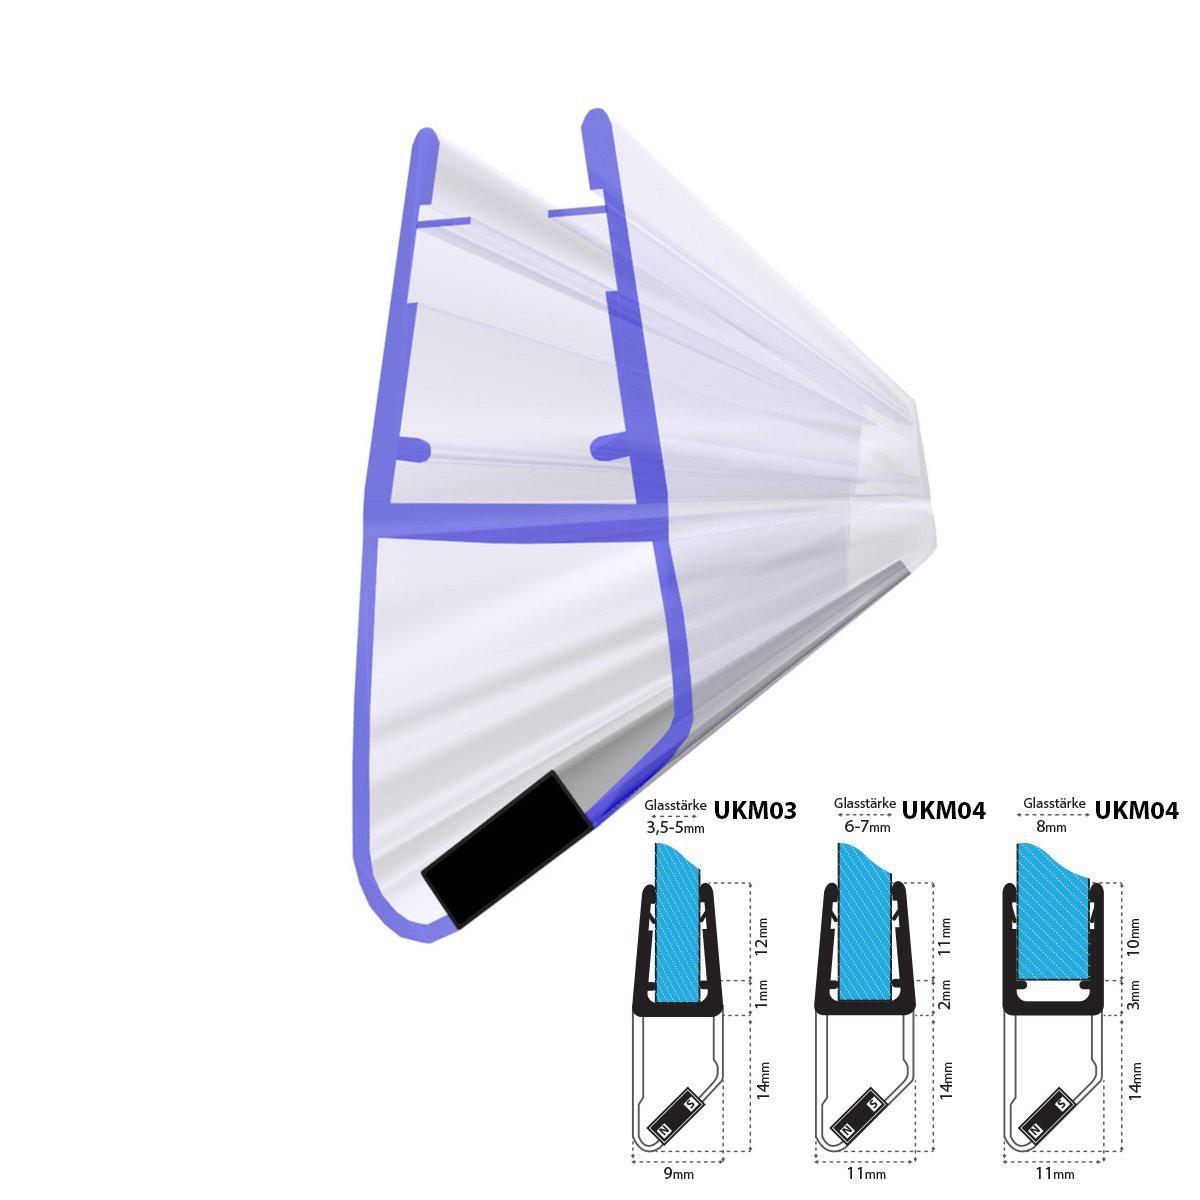 2m duschdichtung ukm04 magnetisch wasserabweisend magnetdichtung jumbo shop superg nstiger. Black Bedroom Furniture Sets. Home Design Ideas